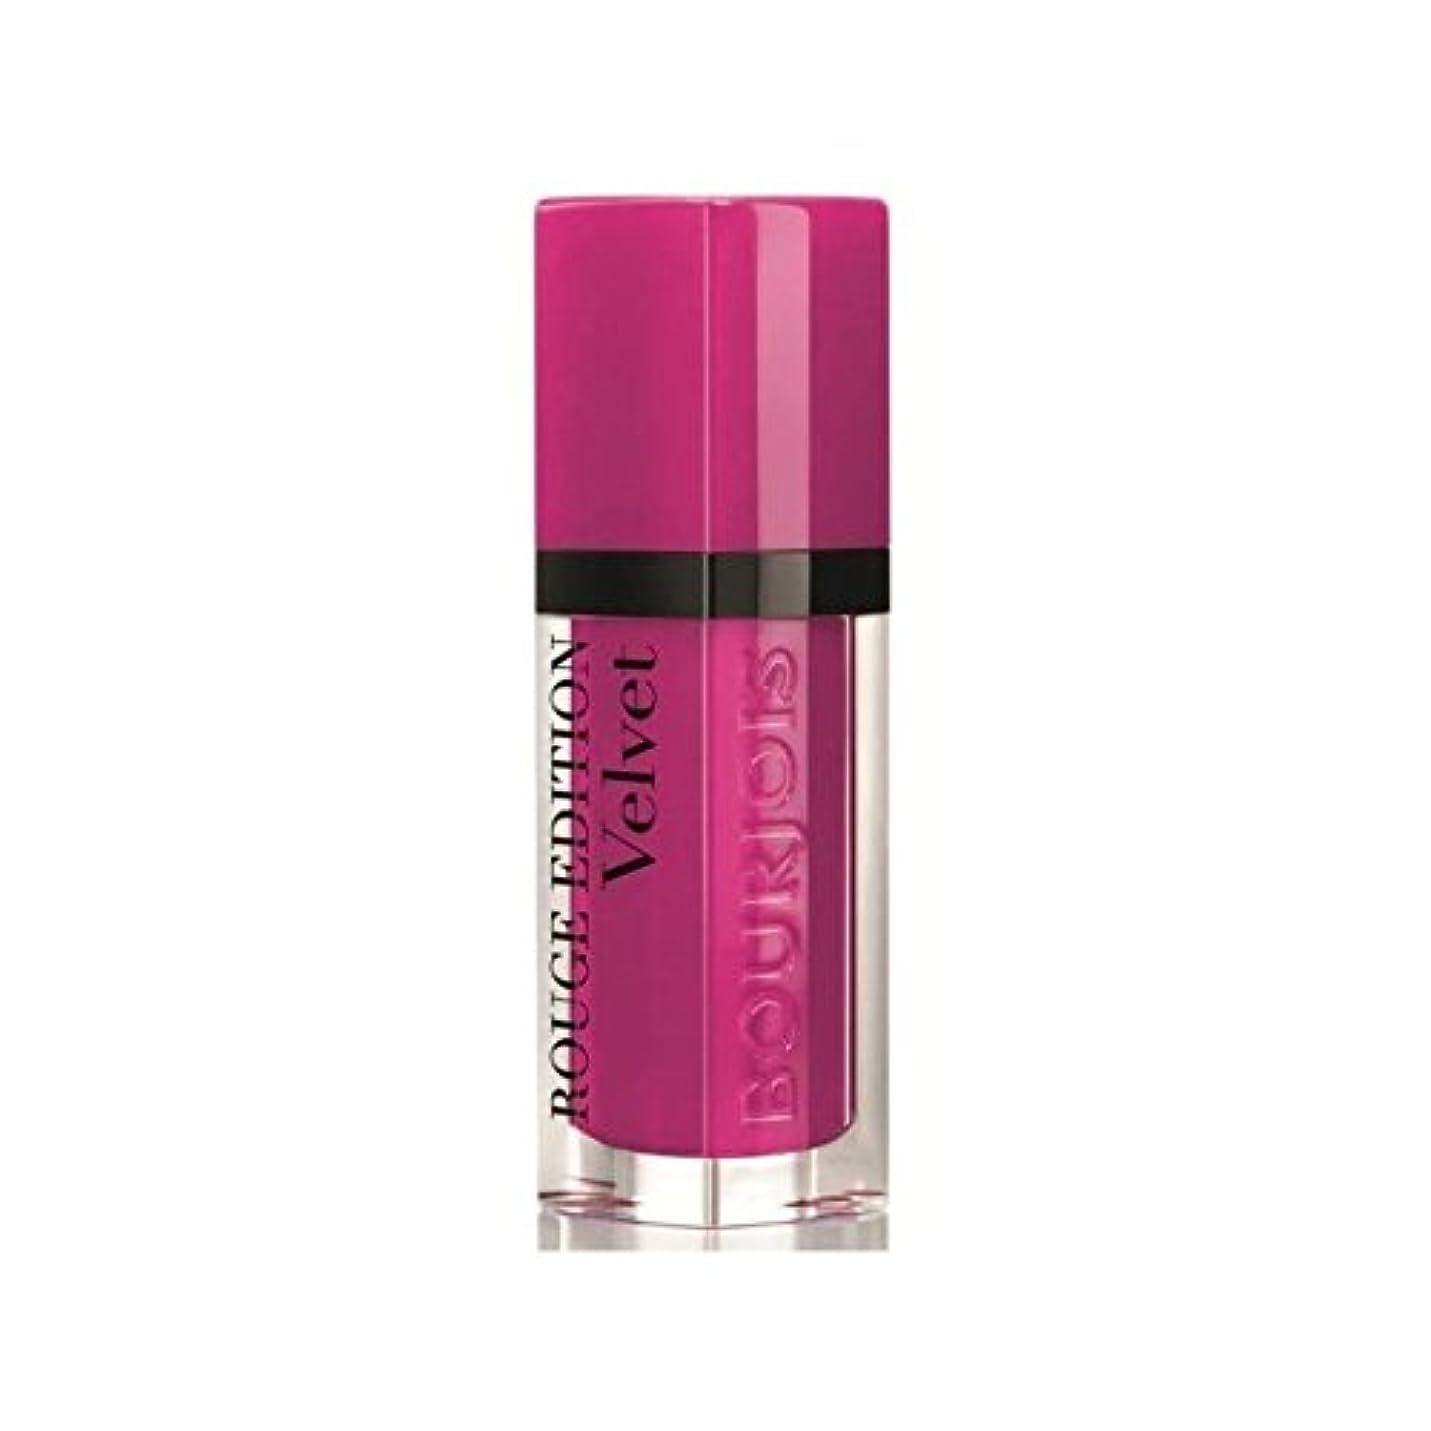 インテリア導体かるBourjois Rouge Edition Velvet lipstick Pink Pong 6 - ブルジョワルージュ版ベルベットの口紅ピンクピンポン6 [並行輸入品]